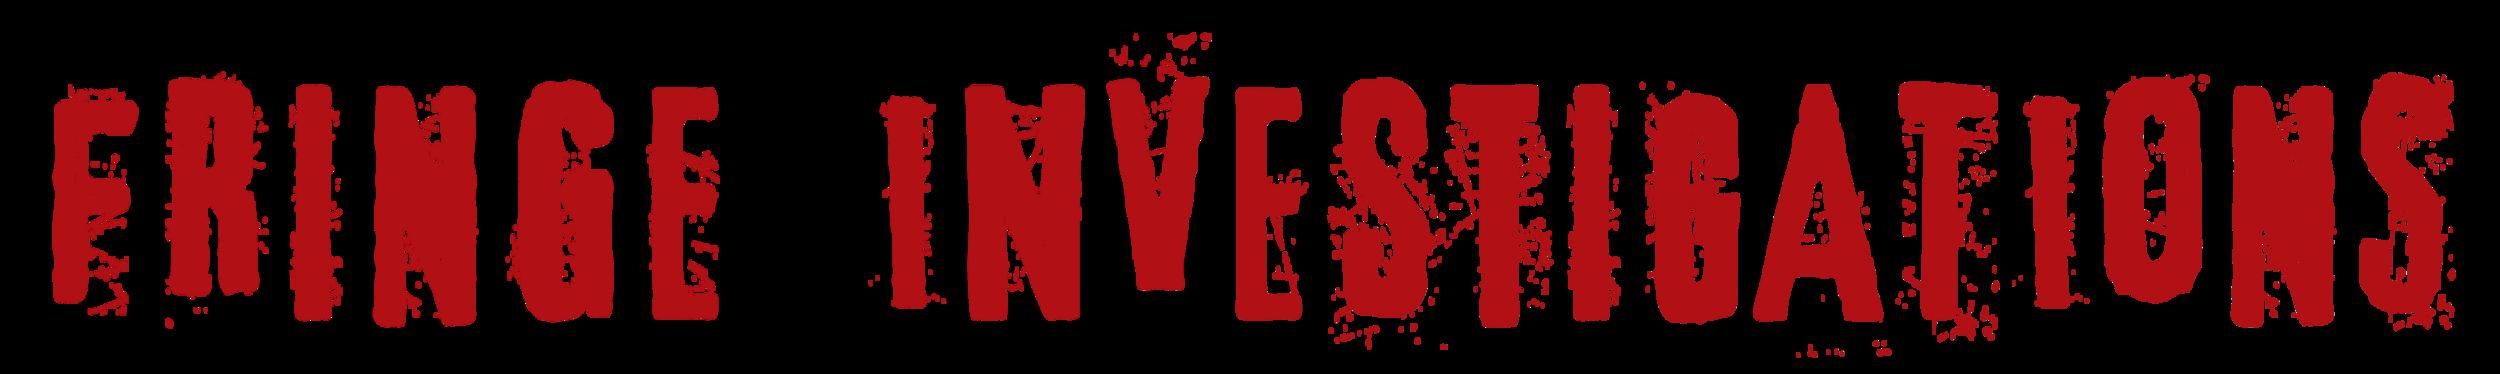 FI-logo-LG-plus-RED.png